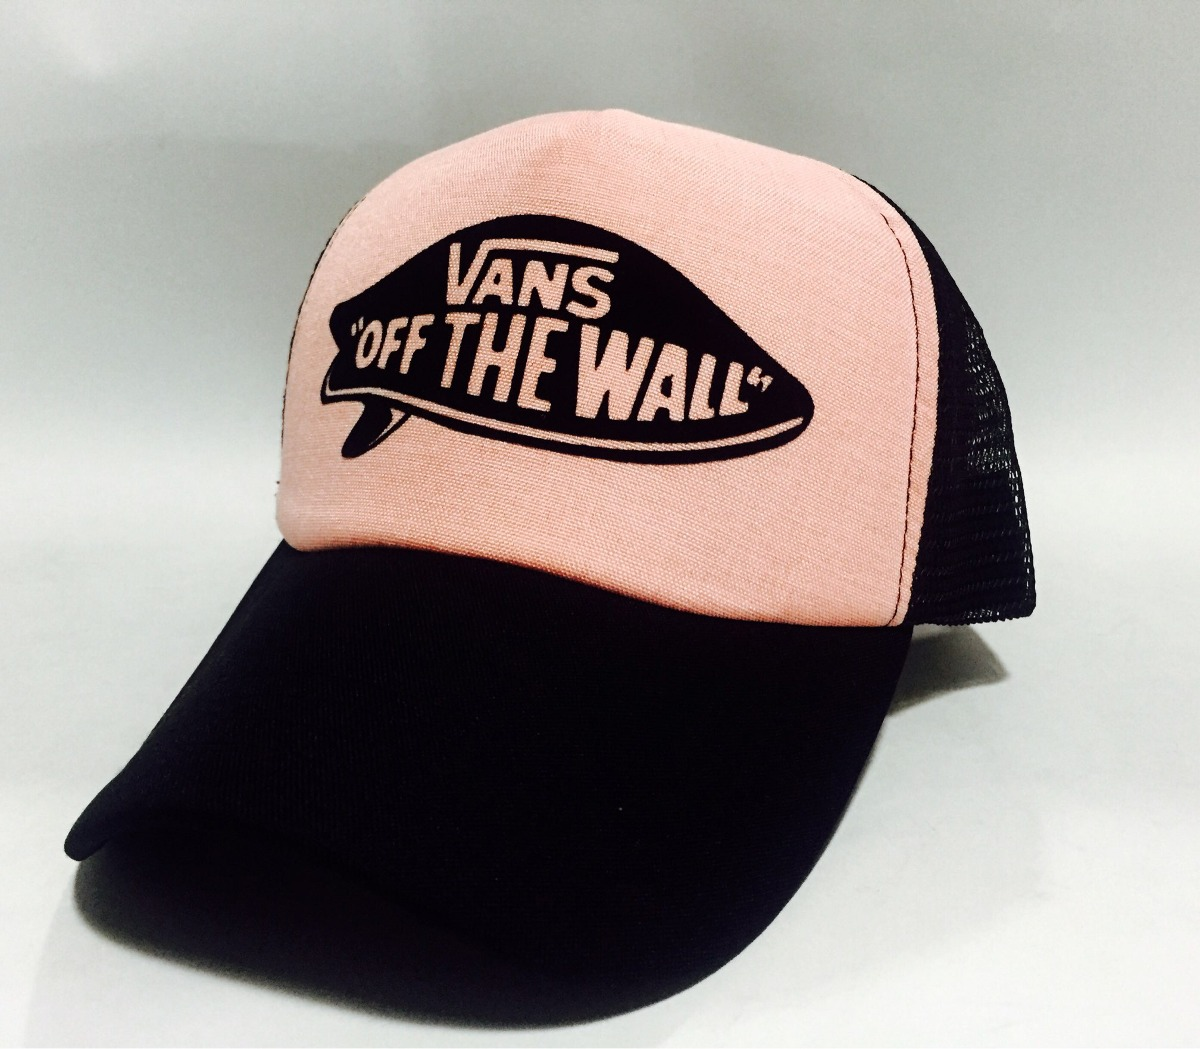 Compre 2 APAGADO EN CUALQUIER CASO gorra vans off the wall Y OBTENGA ... 04b7f8dd7db